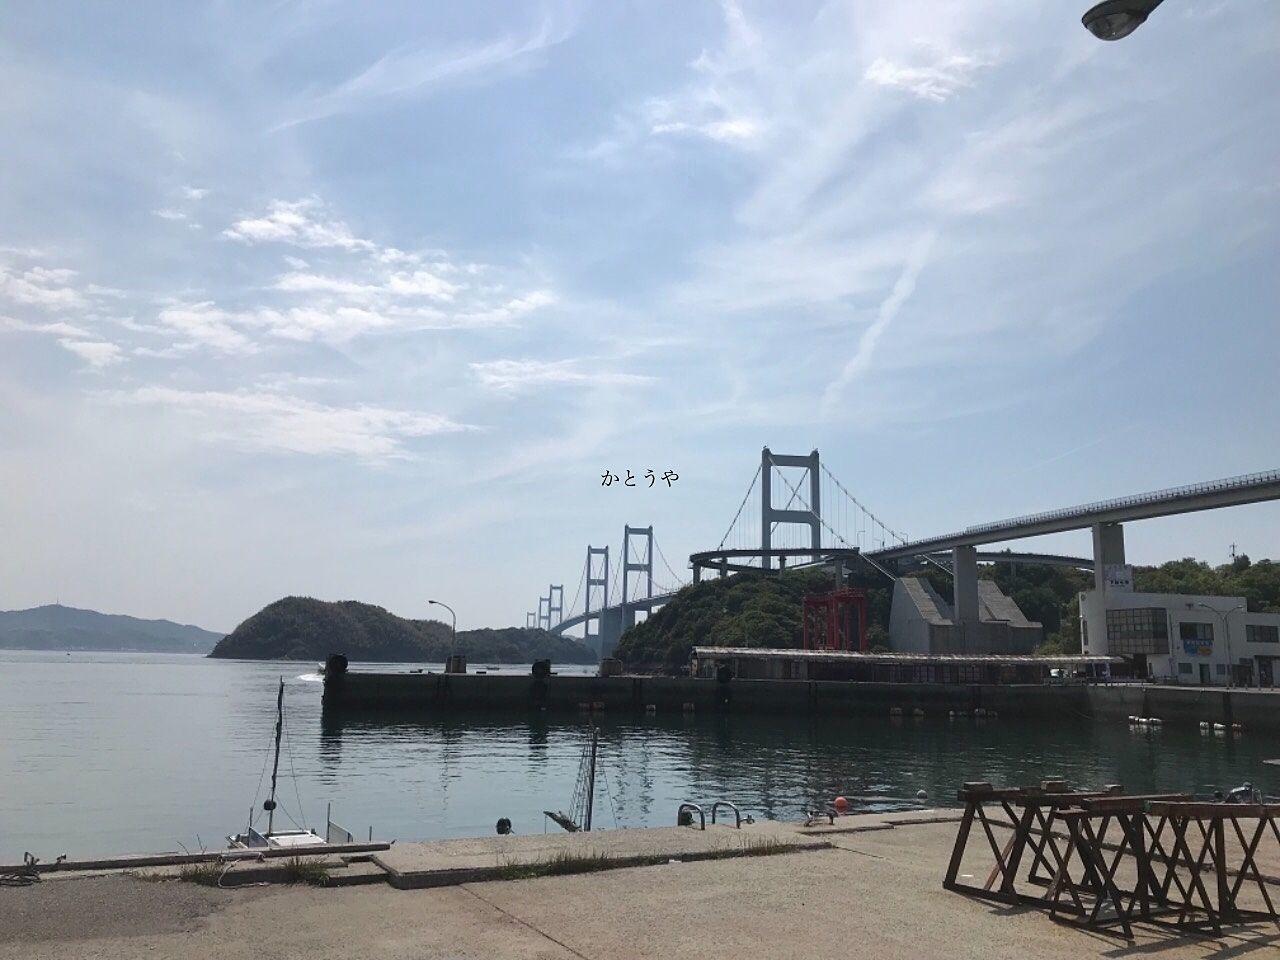 こんにちは!かとうや藤原です。ゴールデンウィーク前半はお仕事をしていましたが、後半少しだけ旅行に行ってきました。今回は四国です。といっても訪れたのは2県のみ。愛媛県と高知県に行って参りました。